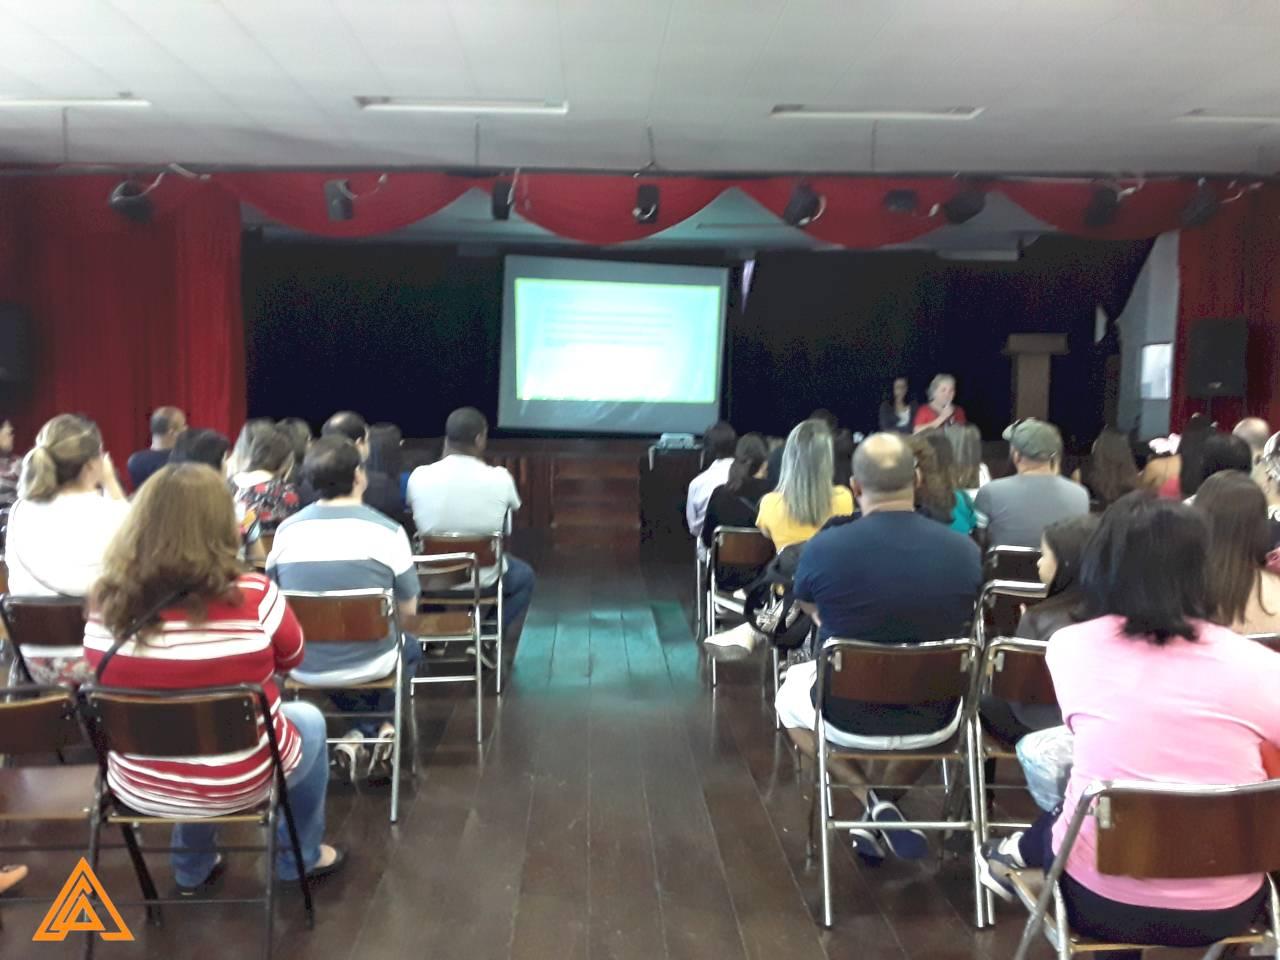 Palestra sobre limites e afetividade no Colégio Castro Alves